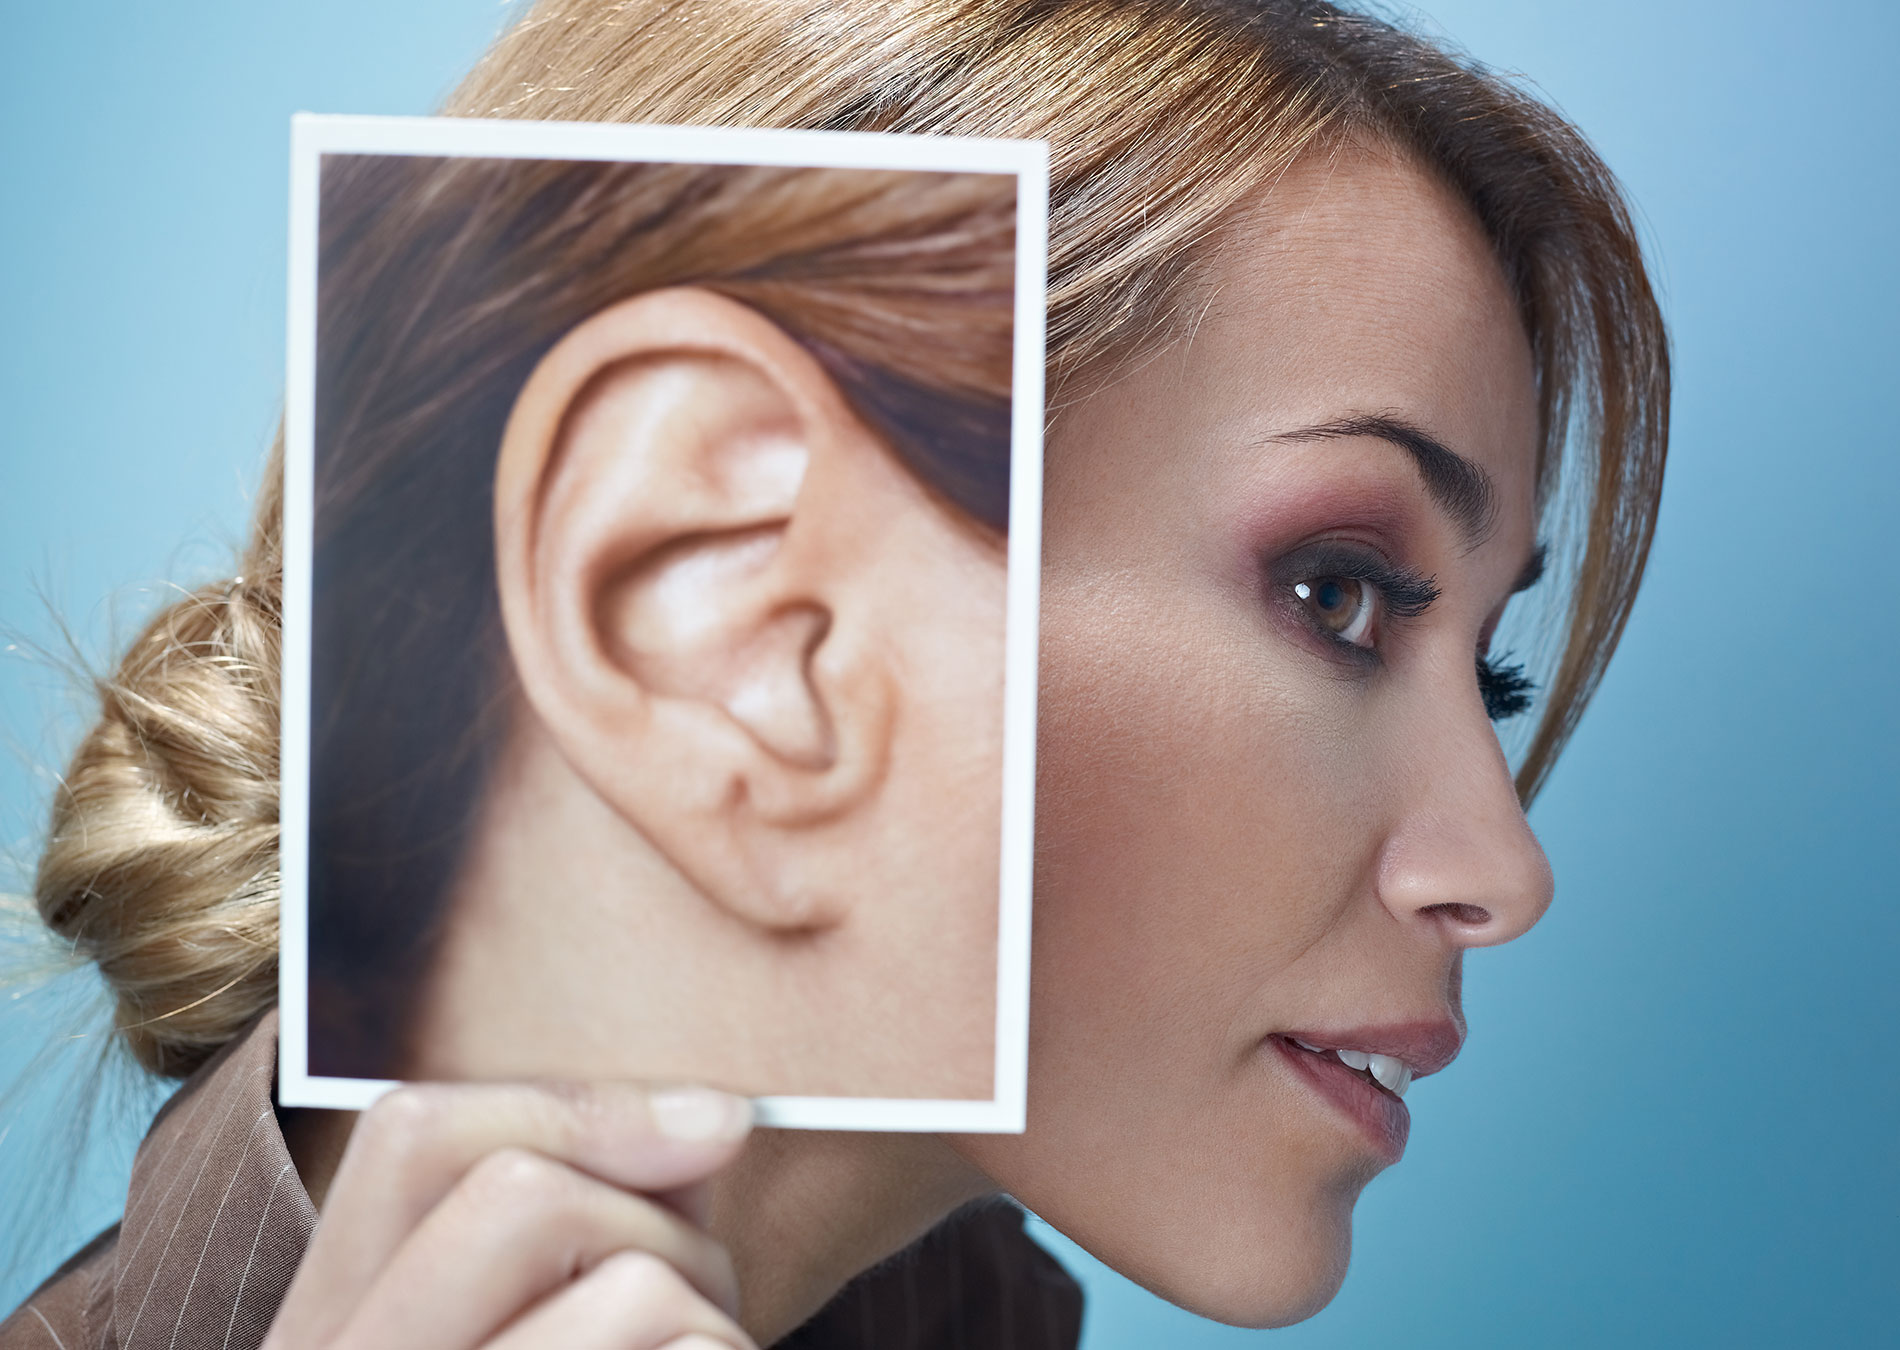 Родинка на левой мочке уха что означает. Локализация и значение. Что означает родинка на ухе